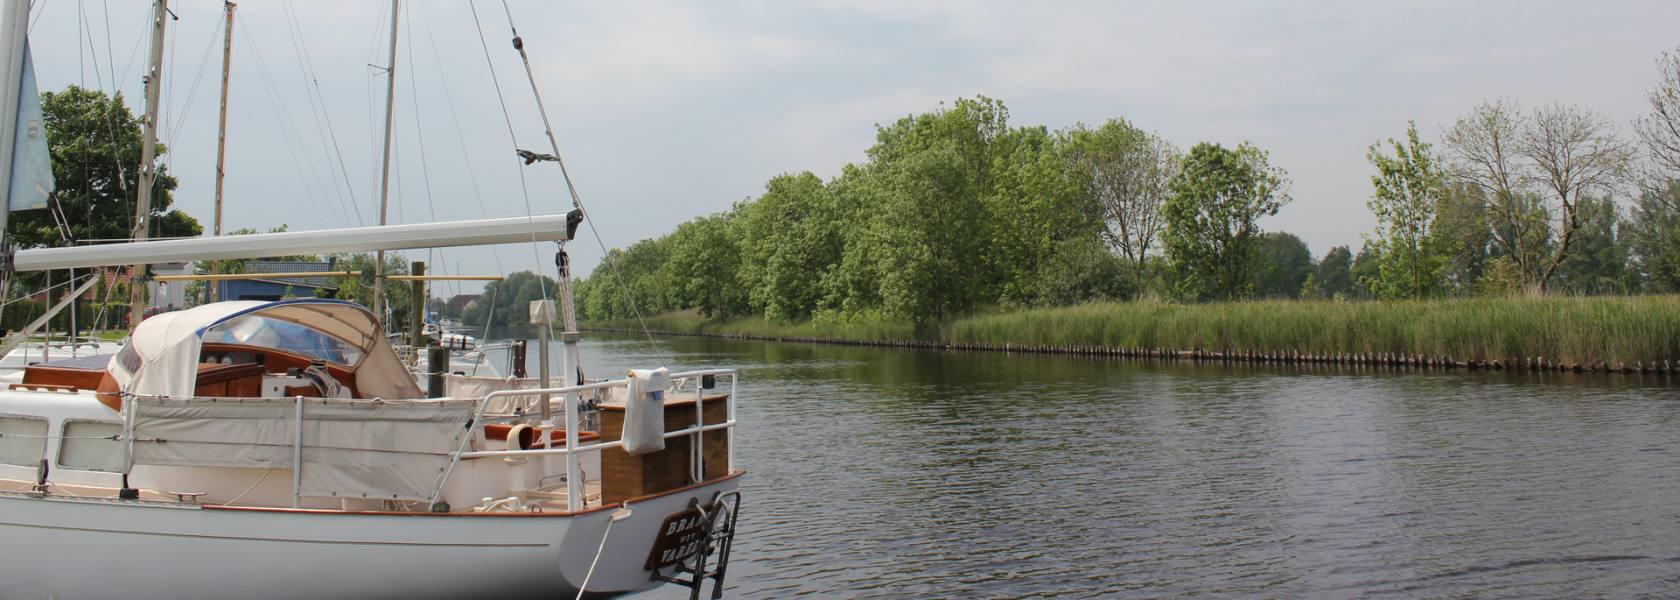 Vareler Hafen, © Die Nordsee GmbH, Katja Benke